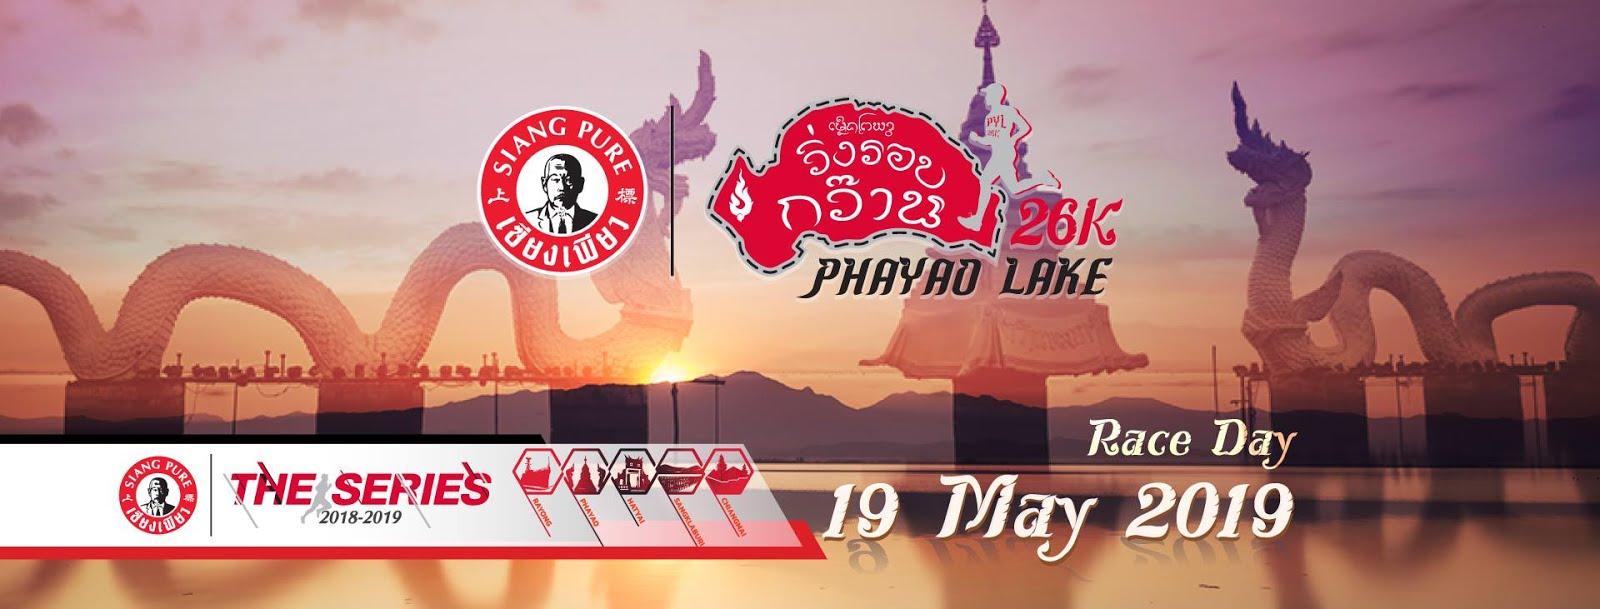 งานวิ่ง Siangpure Relief Phayao Lake 26KM วิ่งรอบกว๊าน Phayao Lake 26K วันที่ 19 พฤษภาคม 2562 ณ กว๊านพะเยา อ.เมือง จ.พะเยา